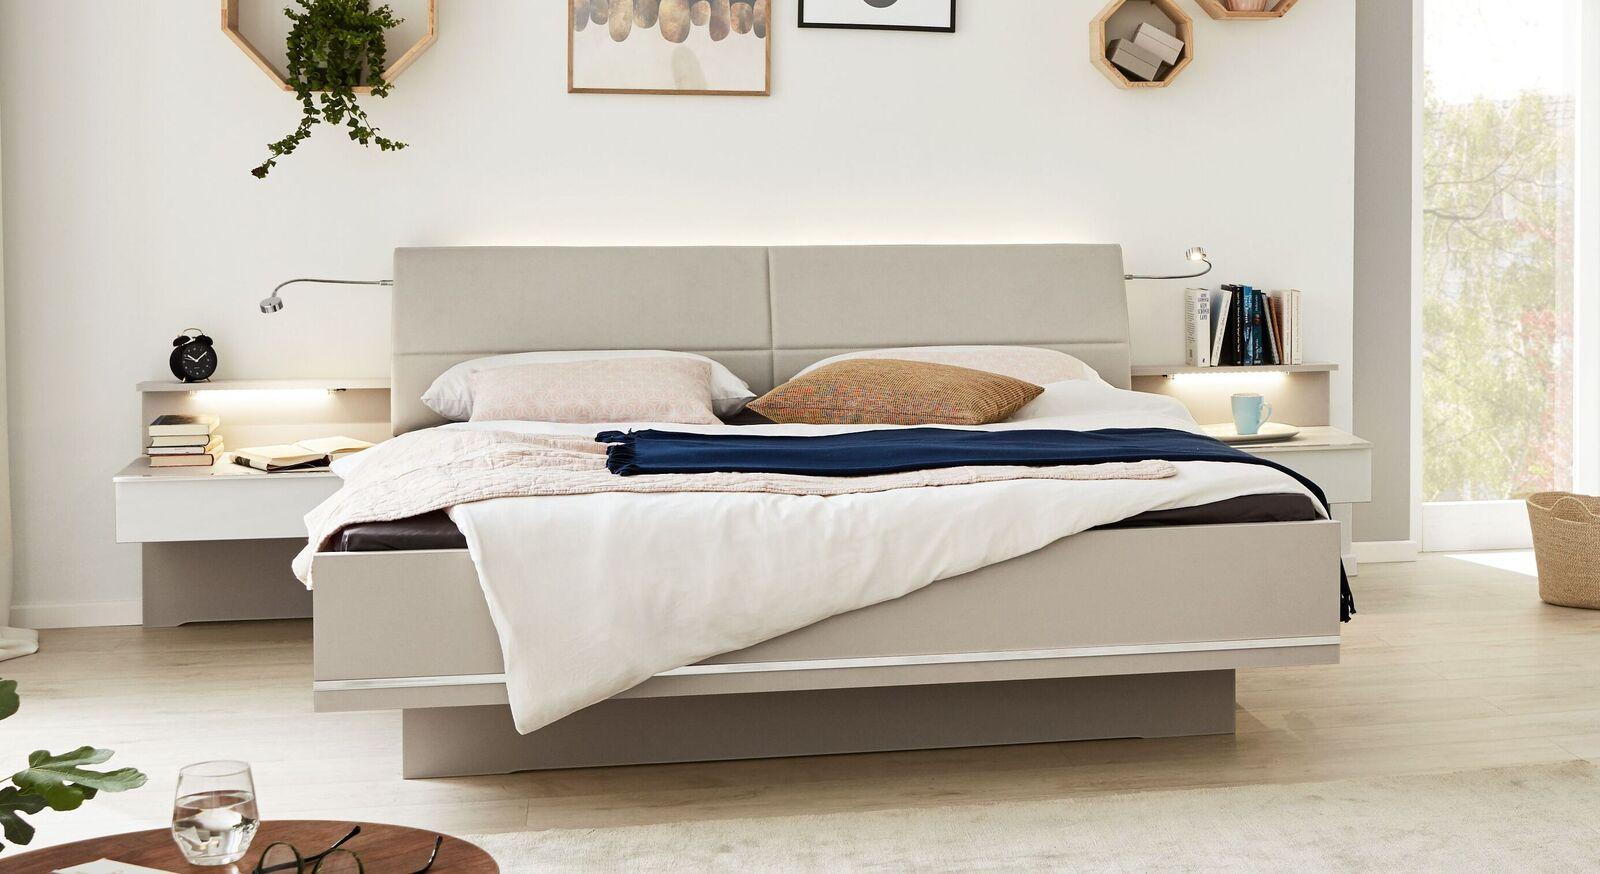 INTERLIVING Bett 1009 in Schwebeoptik mit modernem Design